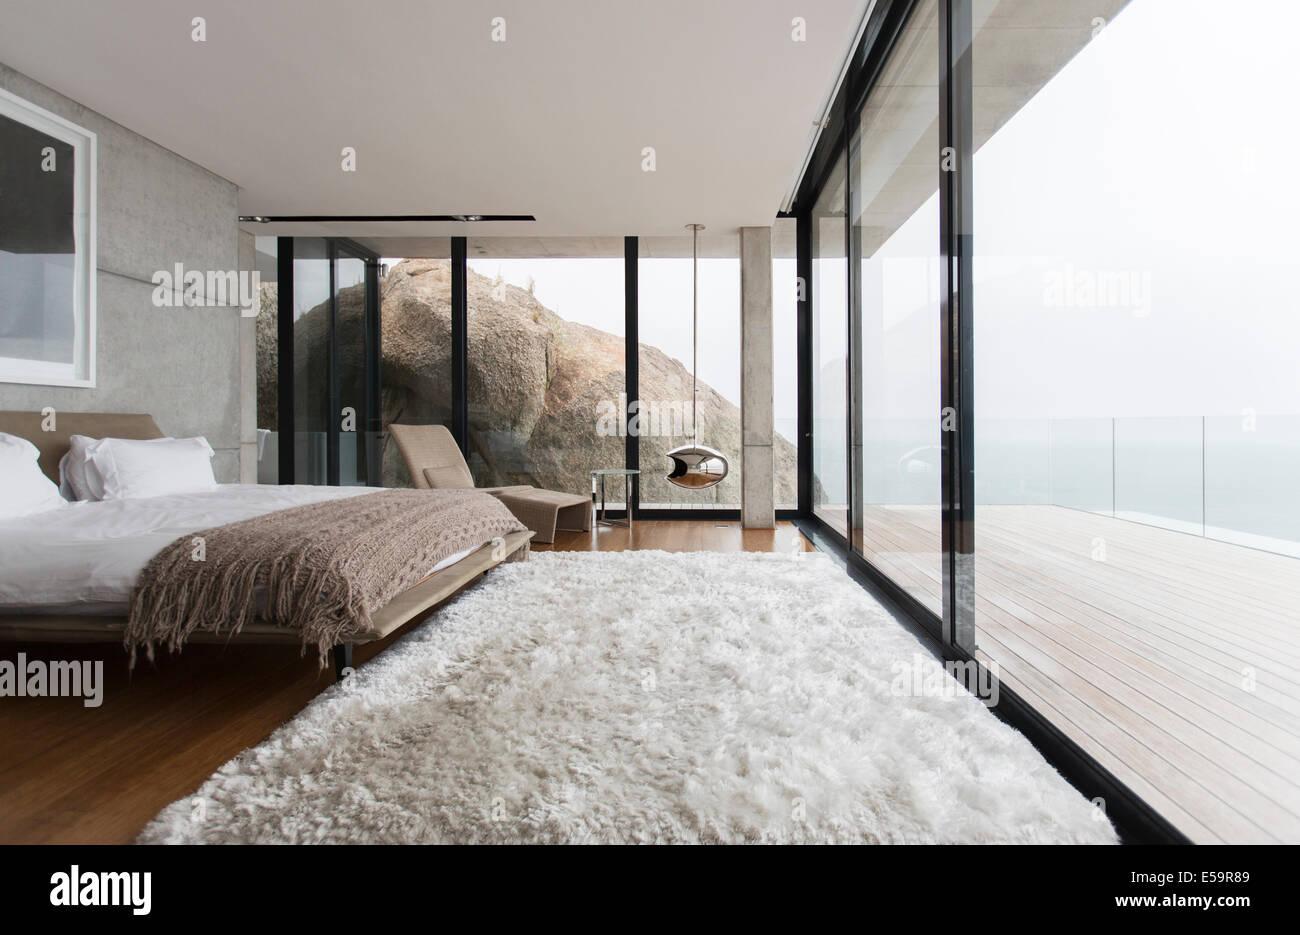 Shag rug y paredes de vidrio en dormitorio moderno Foto de stock